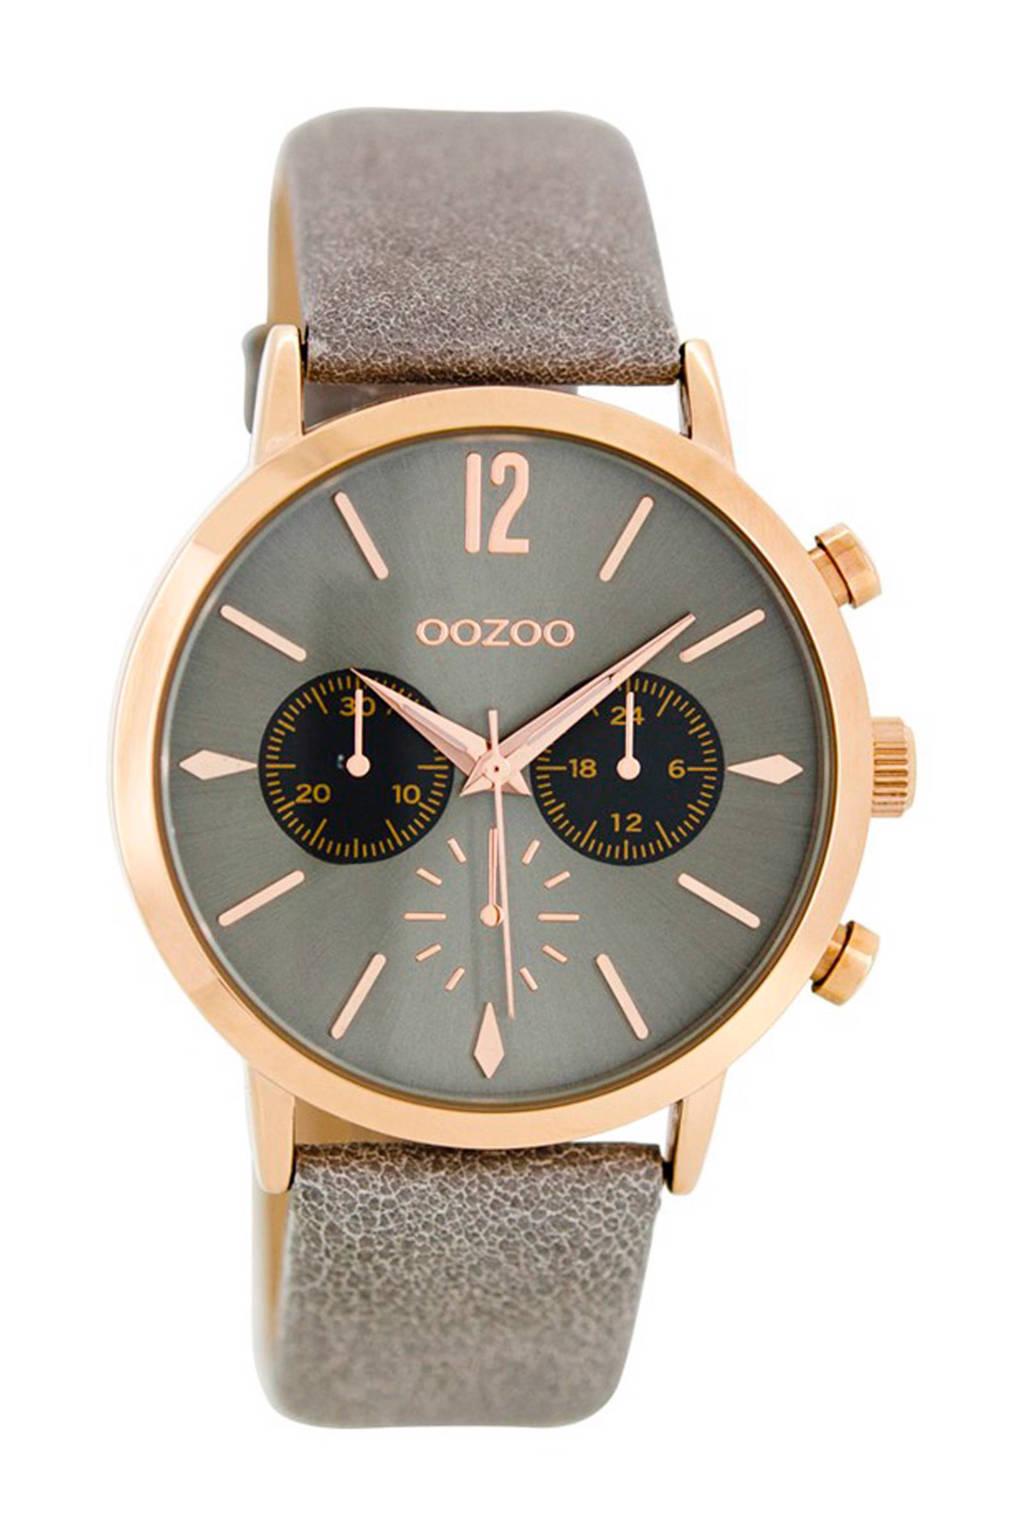 OOZOO Timepieces chronograaf - C8520, Taupe/rose goud